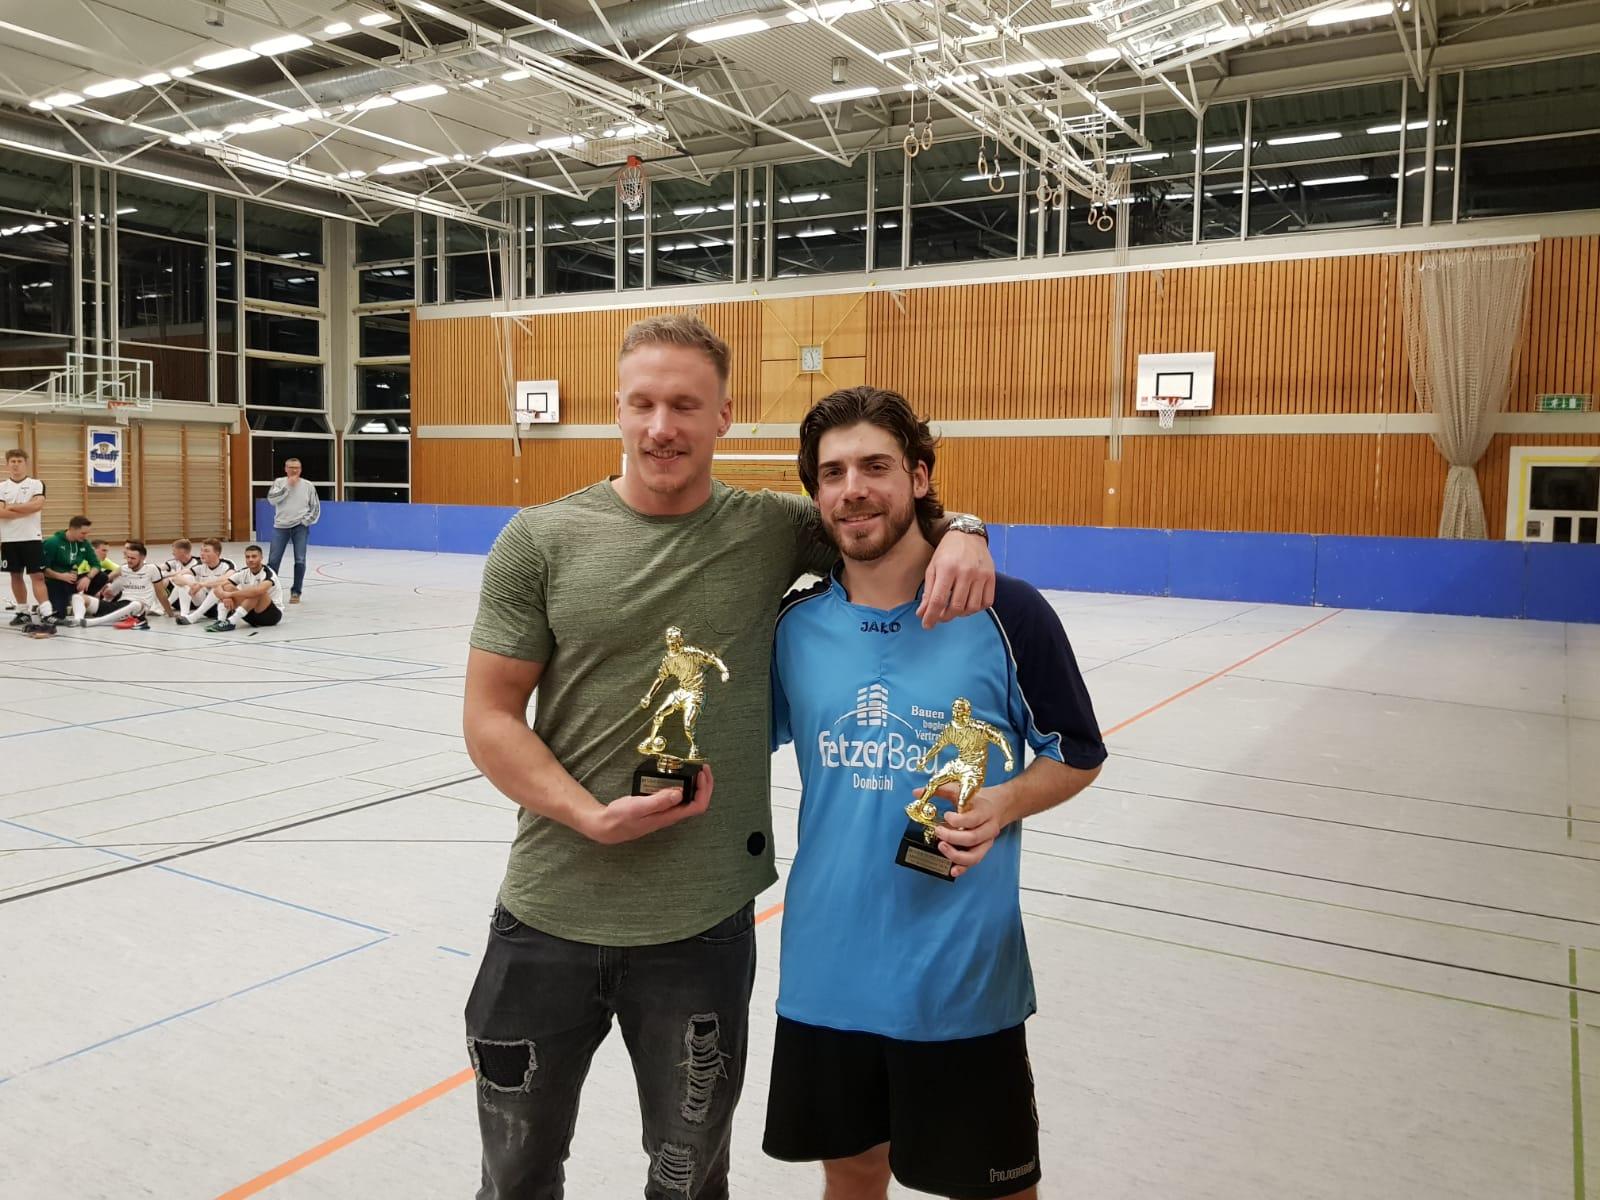 24.01.2019 - Mitternachtsturnier SV Meinhardswinden - FC Erzberg-Wörnitz - Marc Suttor und Maximilian Eul erhalten die Auszeichnung als bester Torschütze